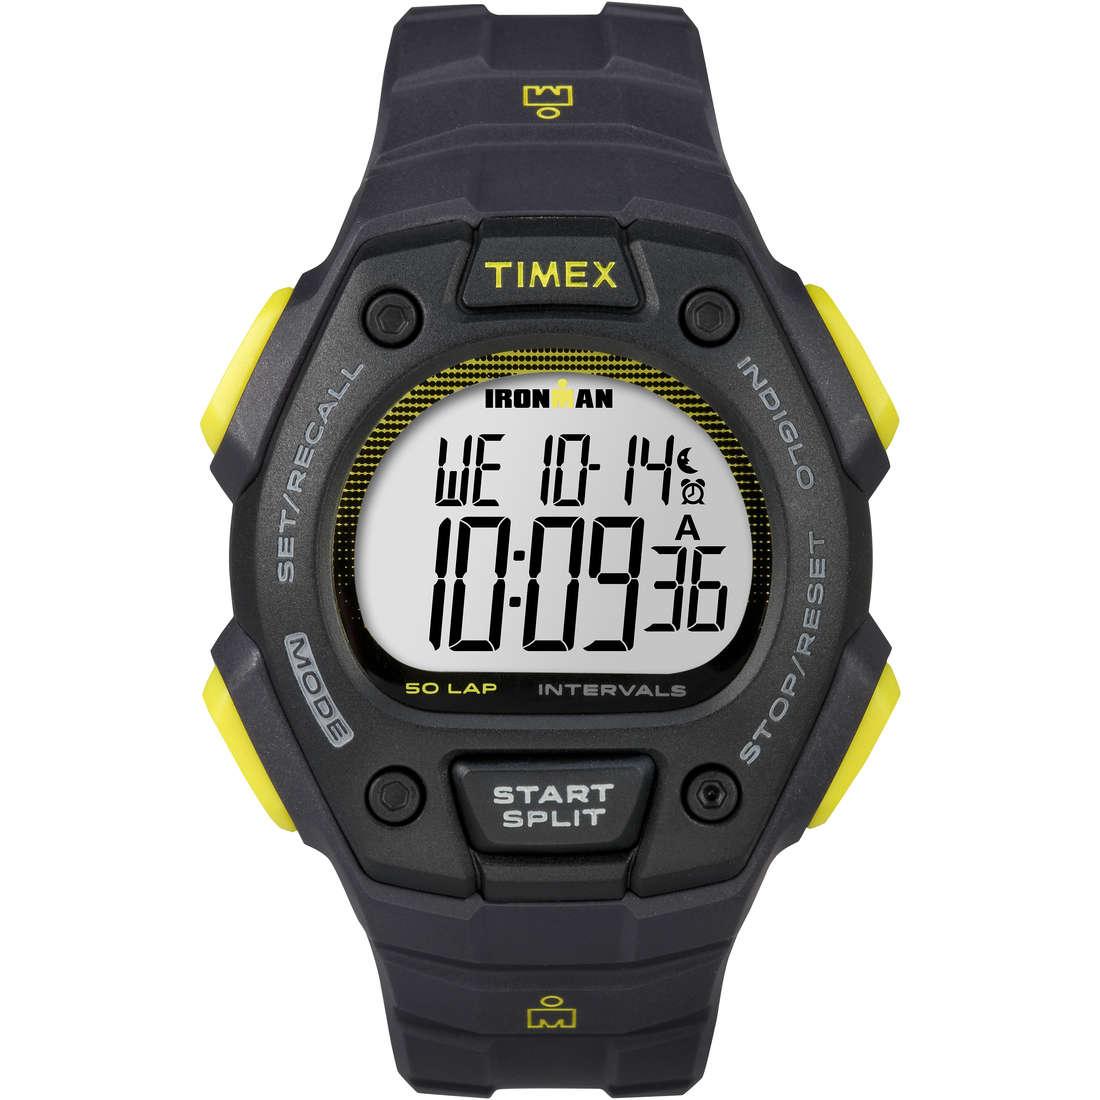 orologio cronografo unisex Timex Irm 50 Lap TW5K86100